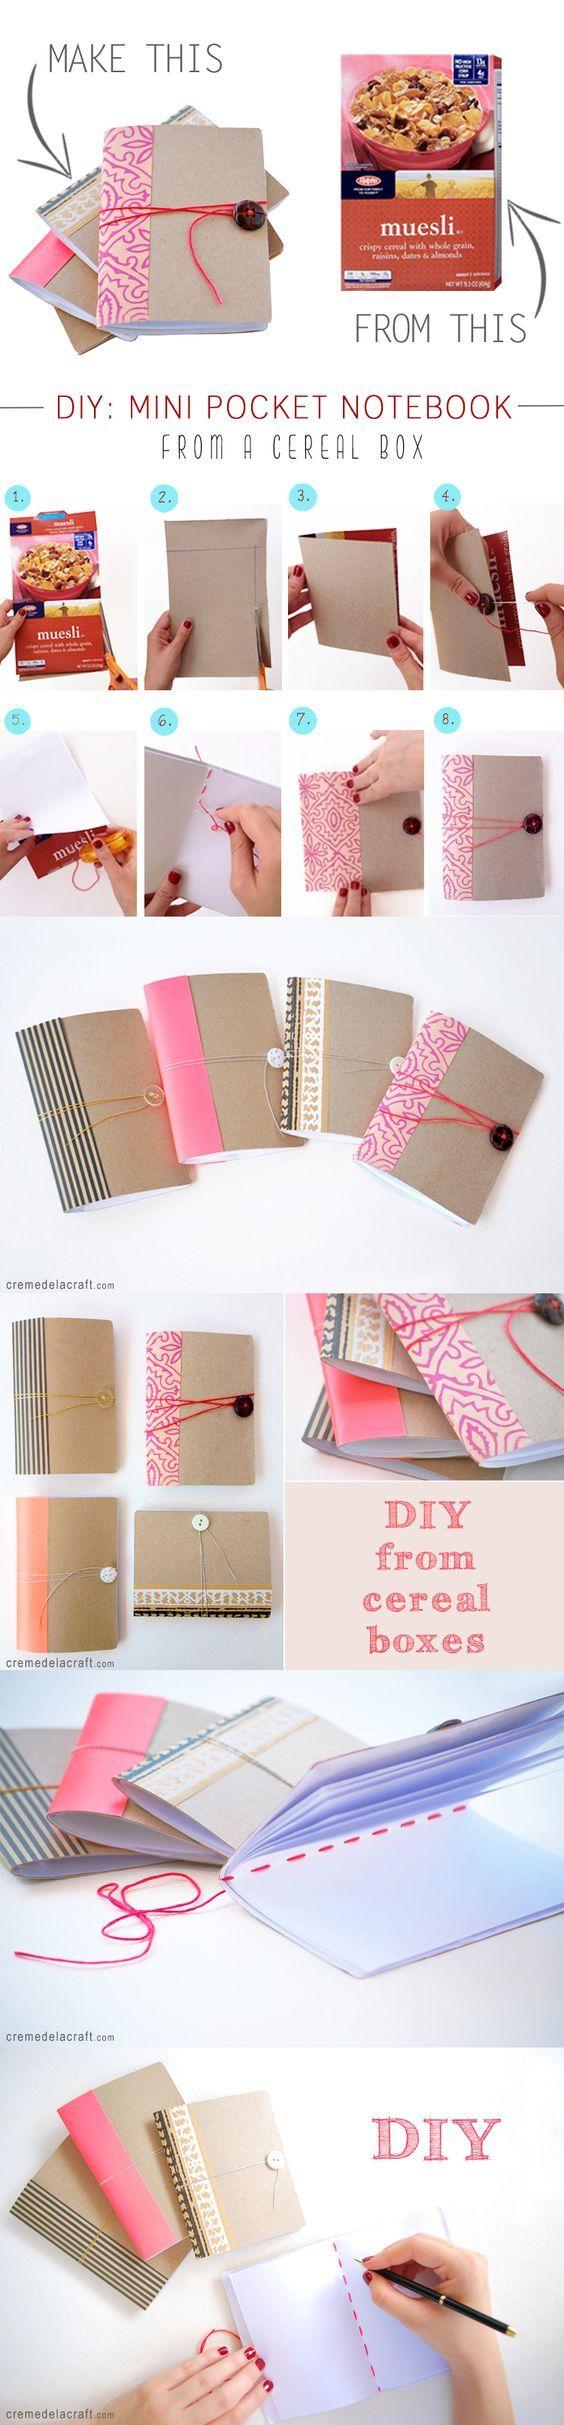 Mini caderno de bolso || Caixa, Tesoura, Agulha, Linha de costura, Botão, Cola, Folhas de papel ofício, Papel scrapbook